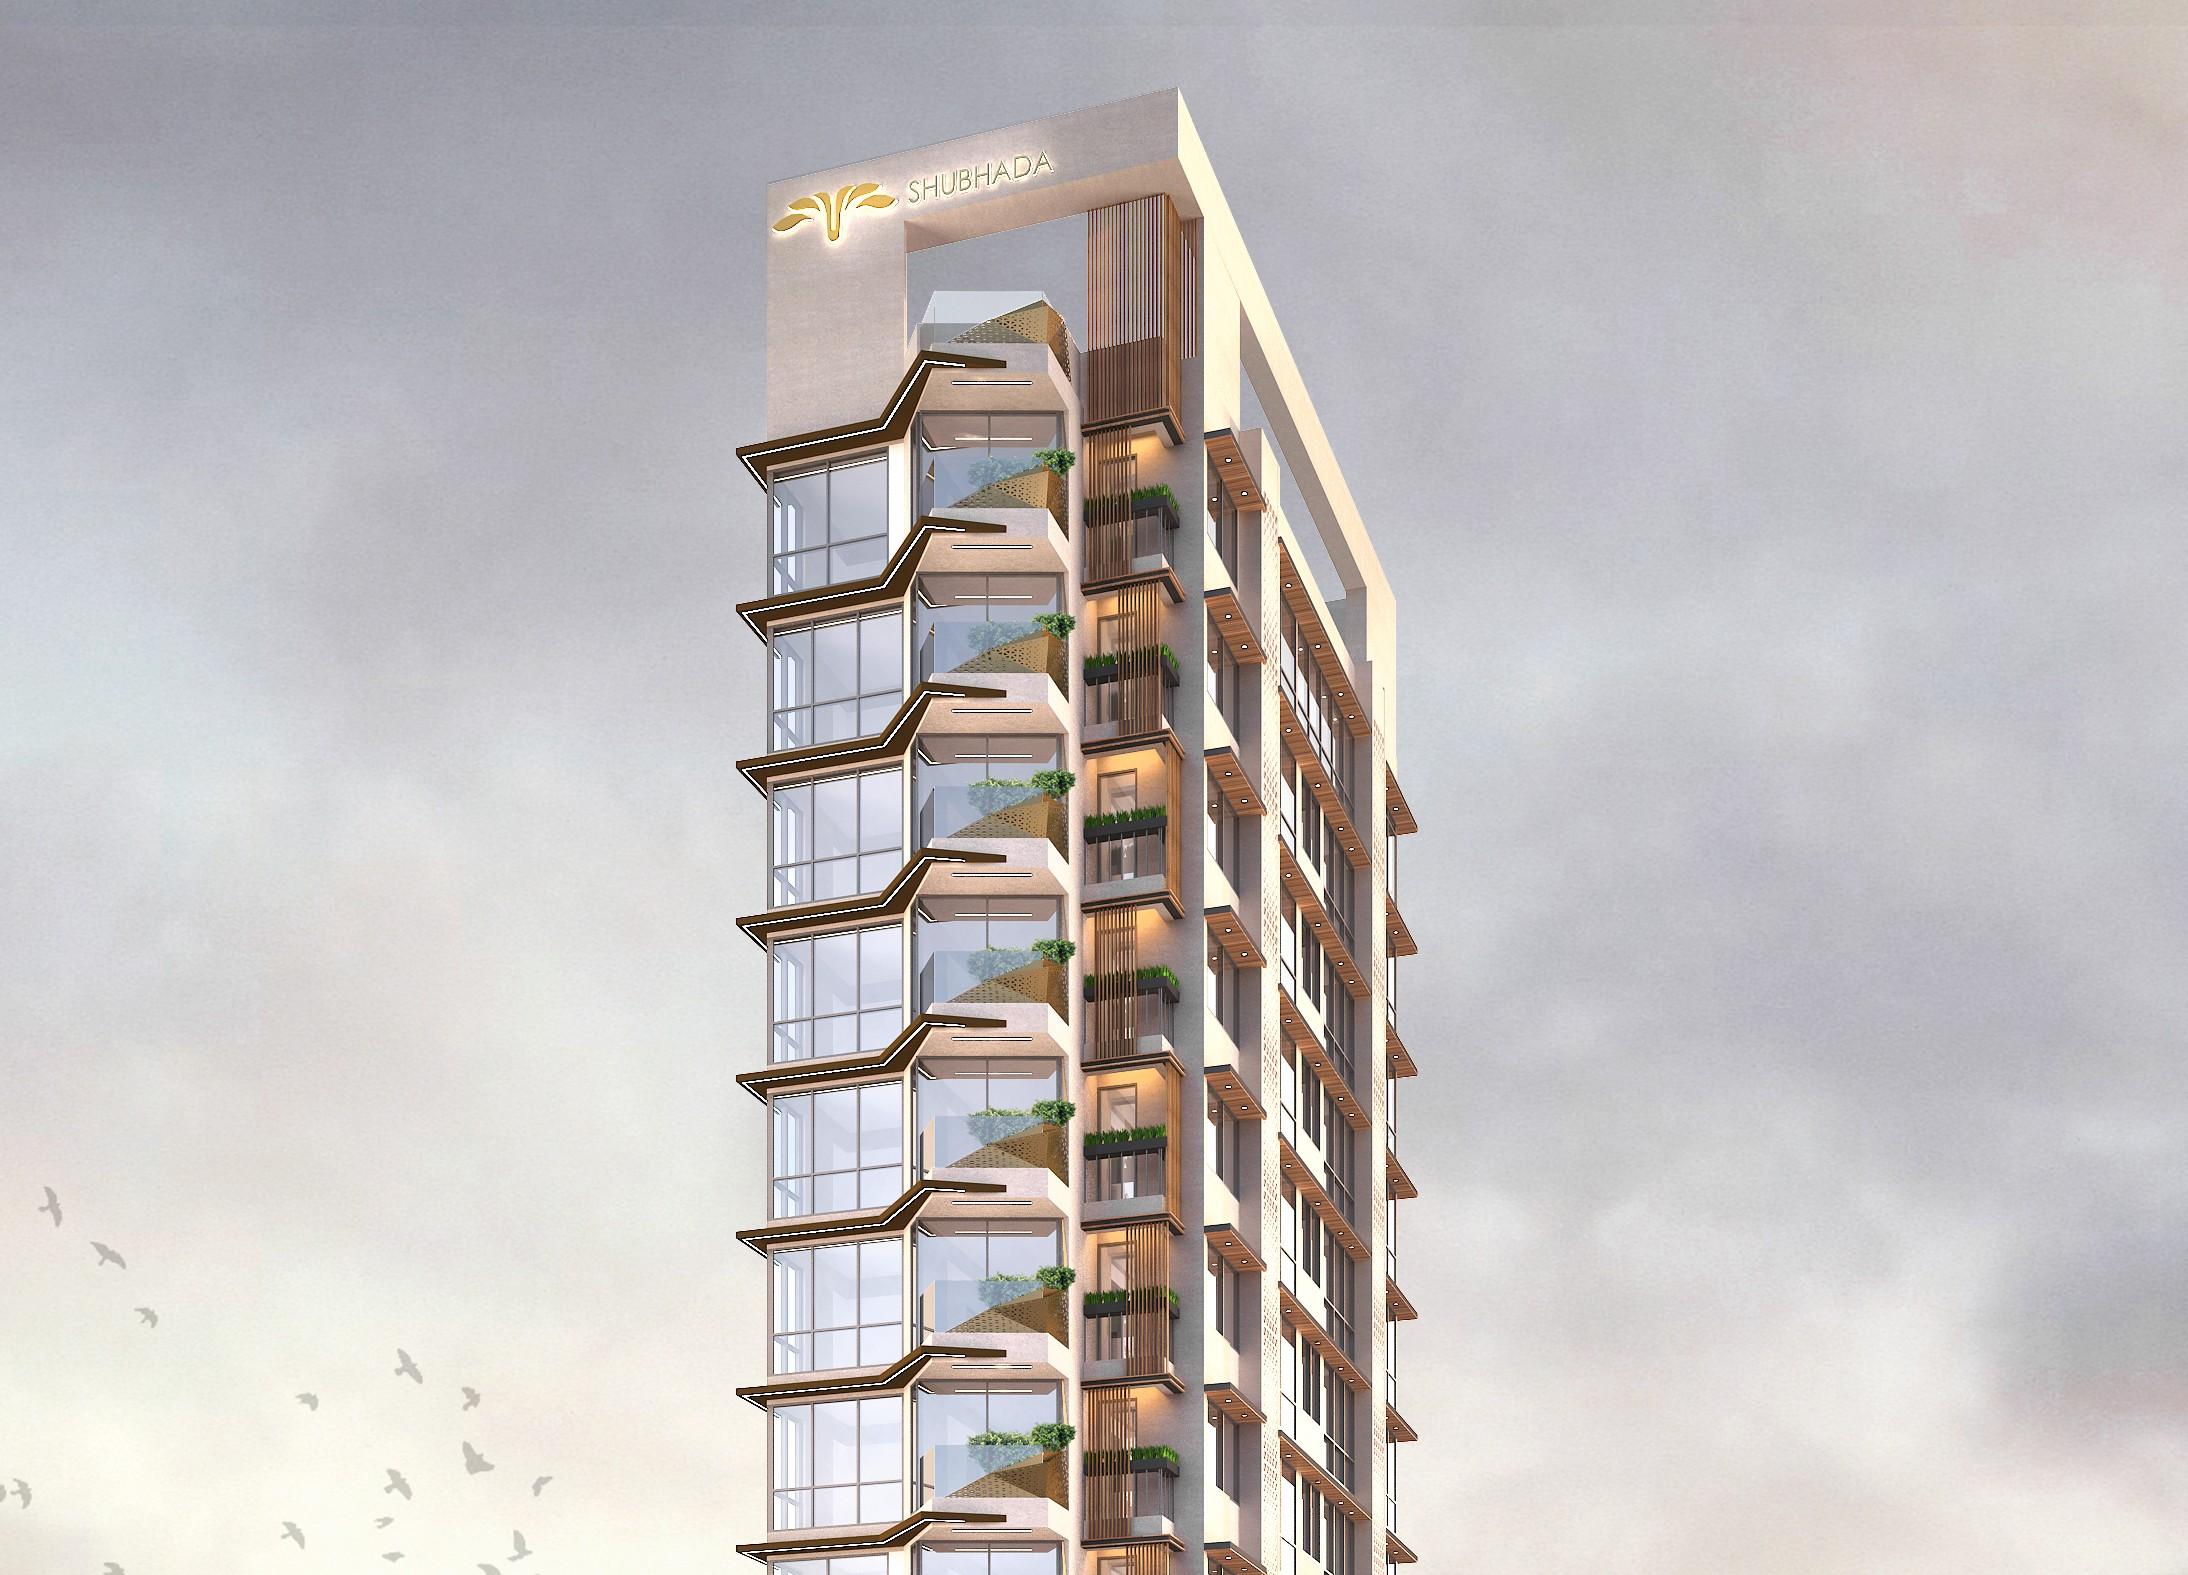 redevelopment_residential_highrise_mumbai_studio_emergence_architects2111